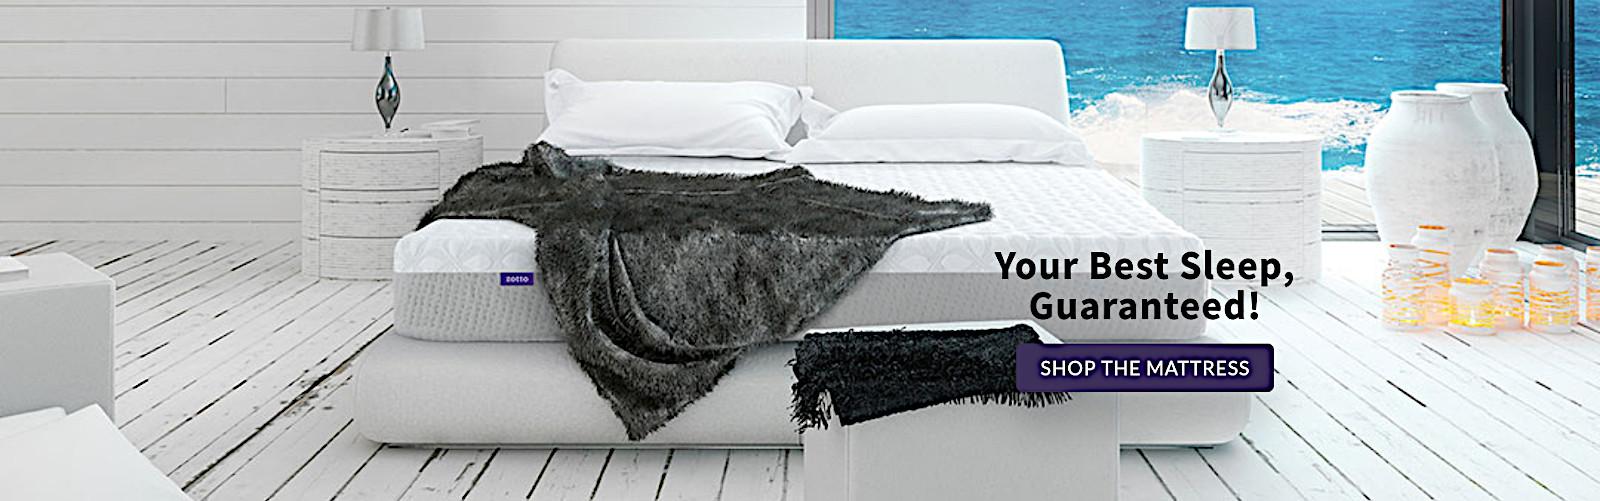 Enhanced premium mattresses